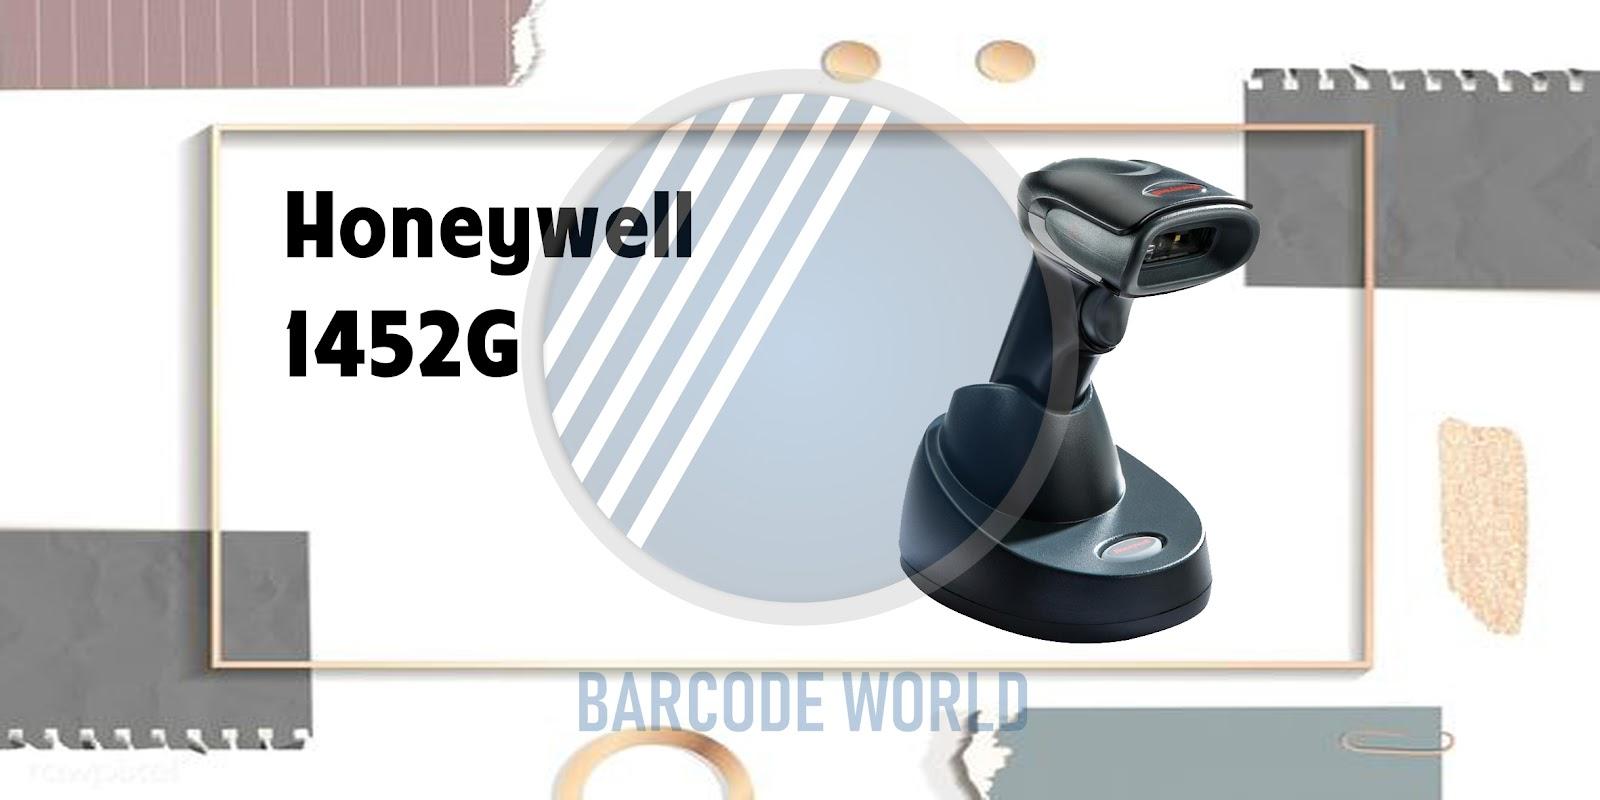 Máy quét barcode Honeywell 1452G phù hợp cho bệnh viện, y tế I Thế Giới Mã Vạch